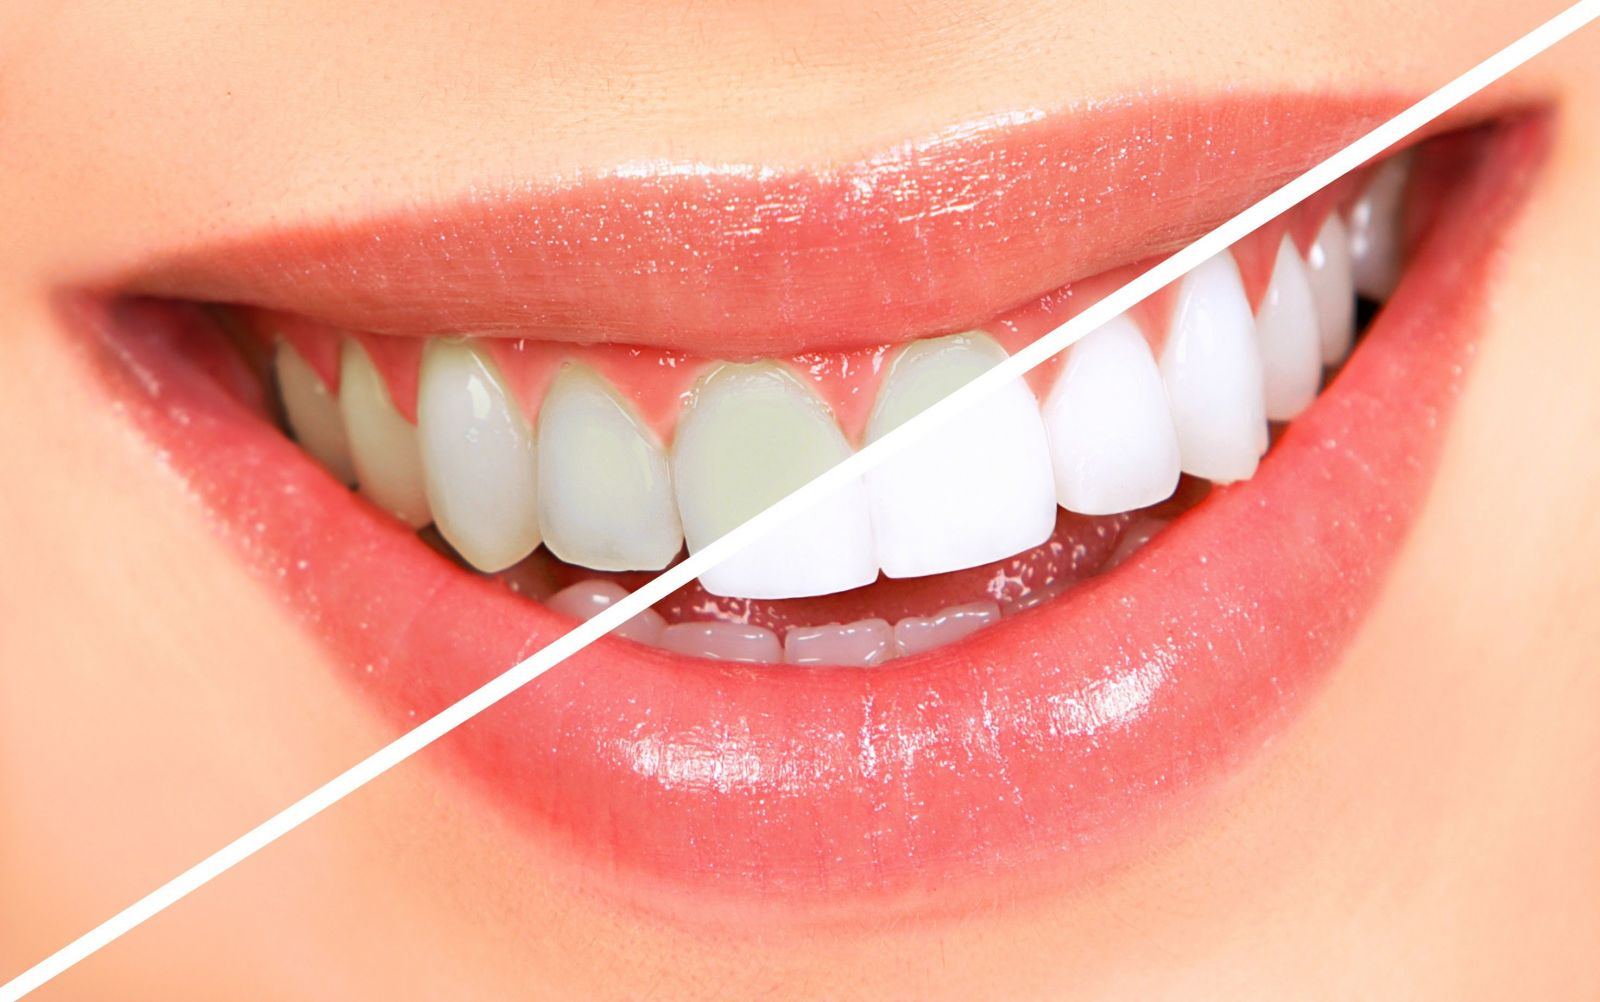 Hướng dẫn làm trắng răng tại nhà đơn giản và hiệu quả - Ảnh 3